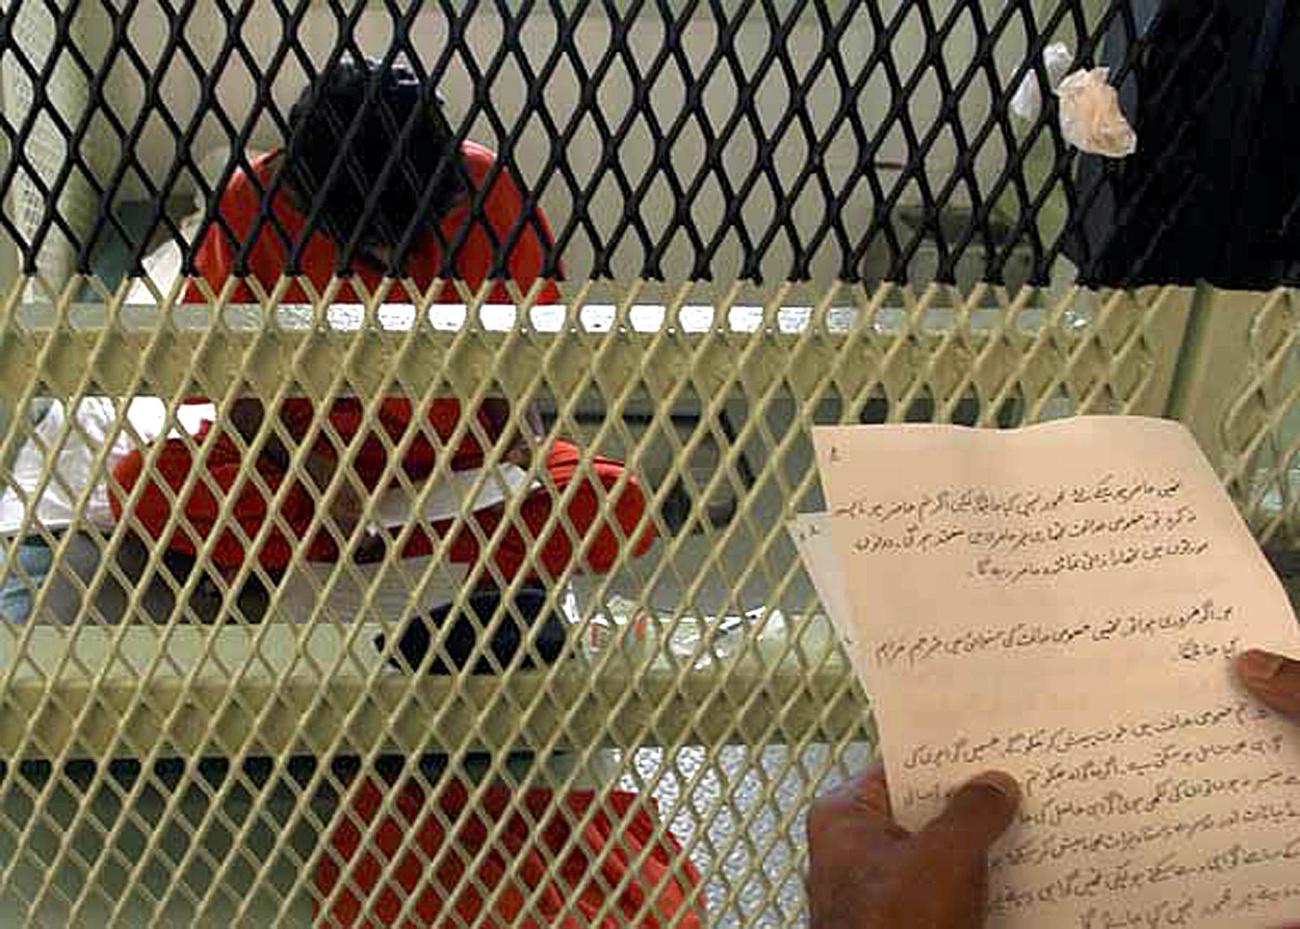 Egy guantanamoi rabnak öltözött tüntető Washingtonban